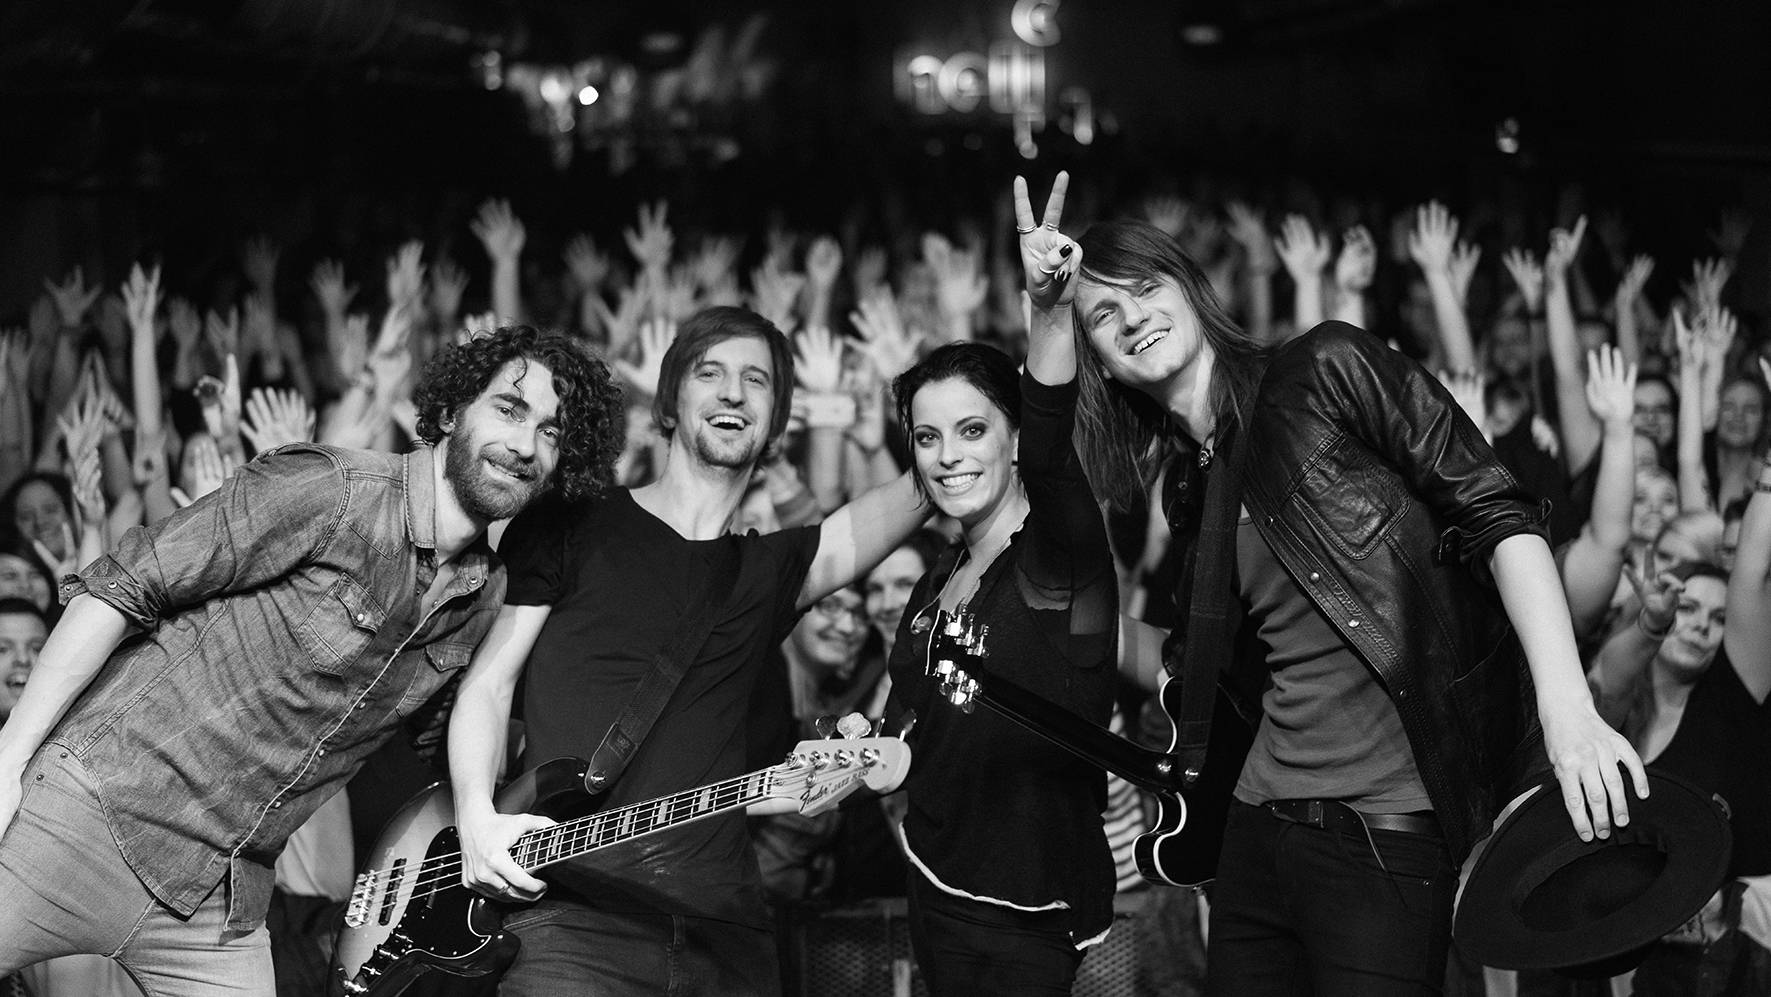 SILBERMOND – ARENA TOUR 2020_Credit_Daniel_Lwowski_small